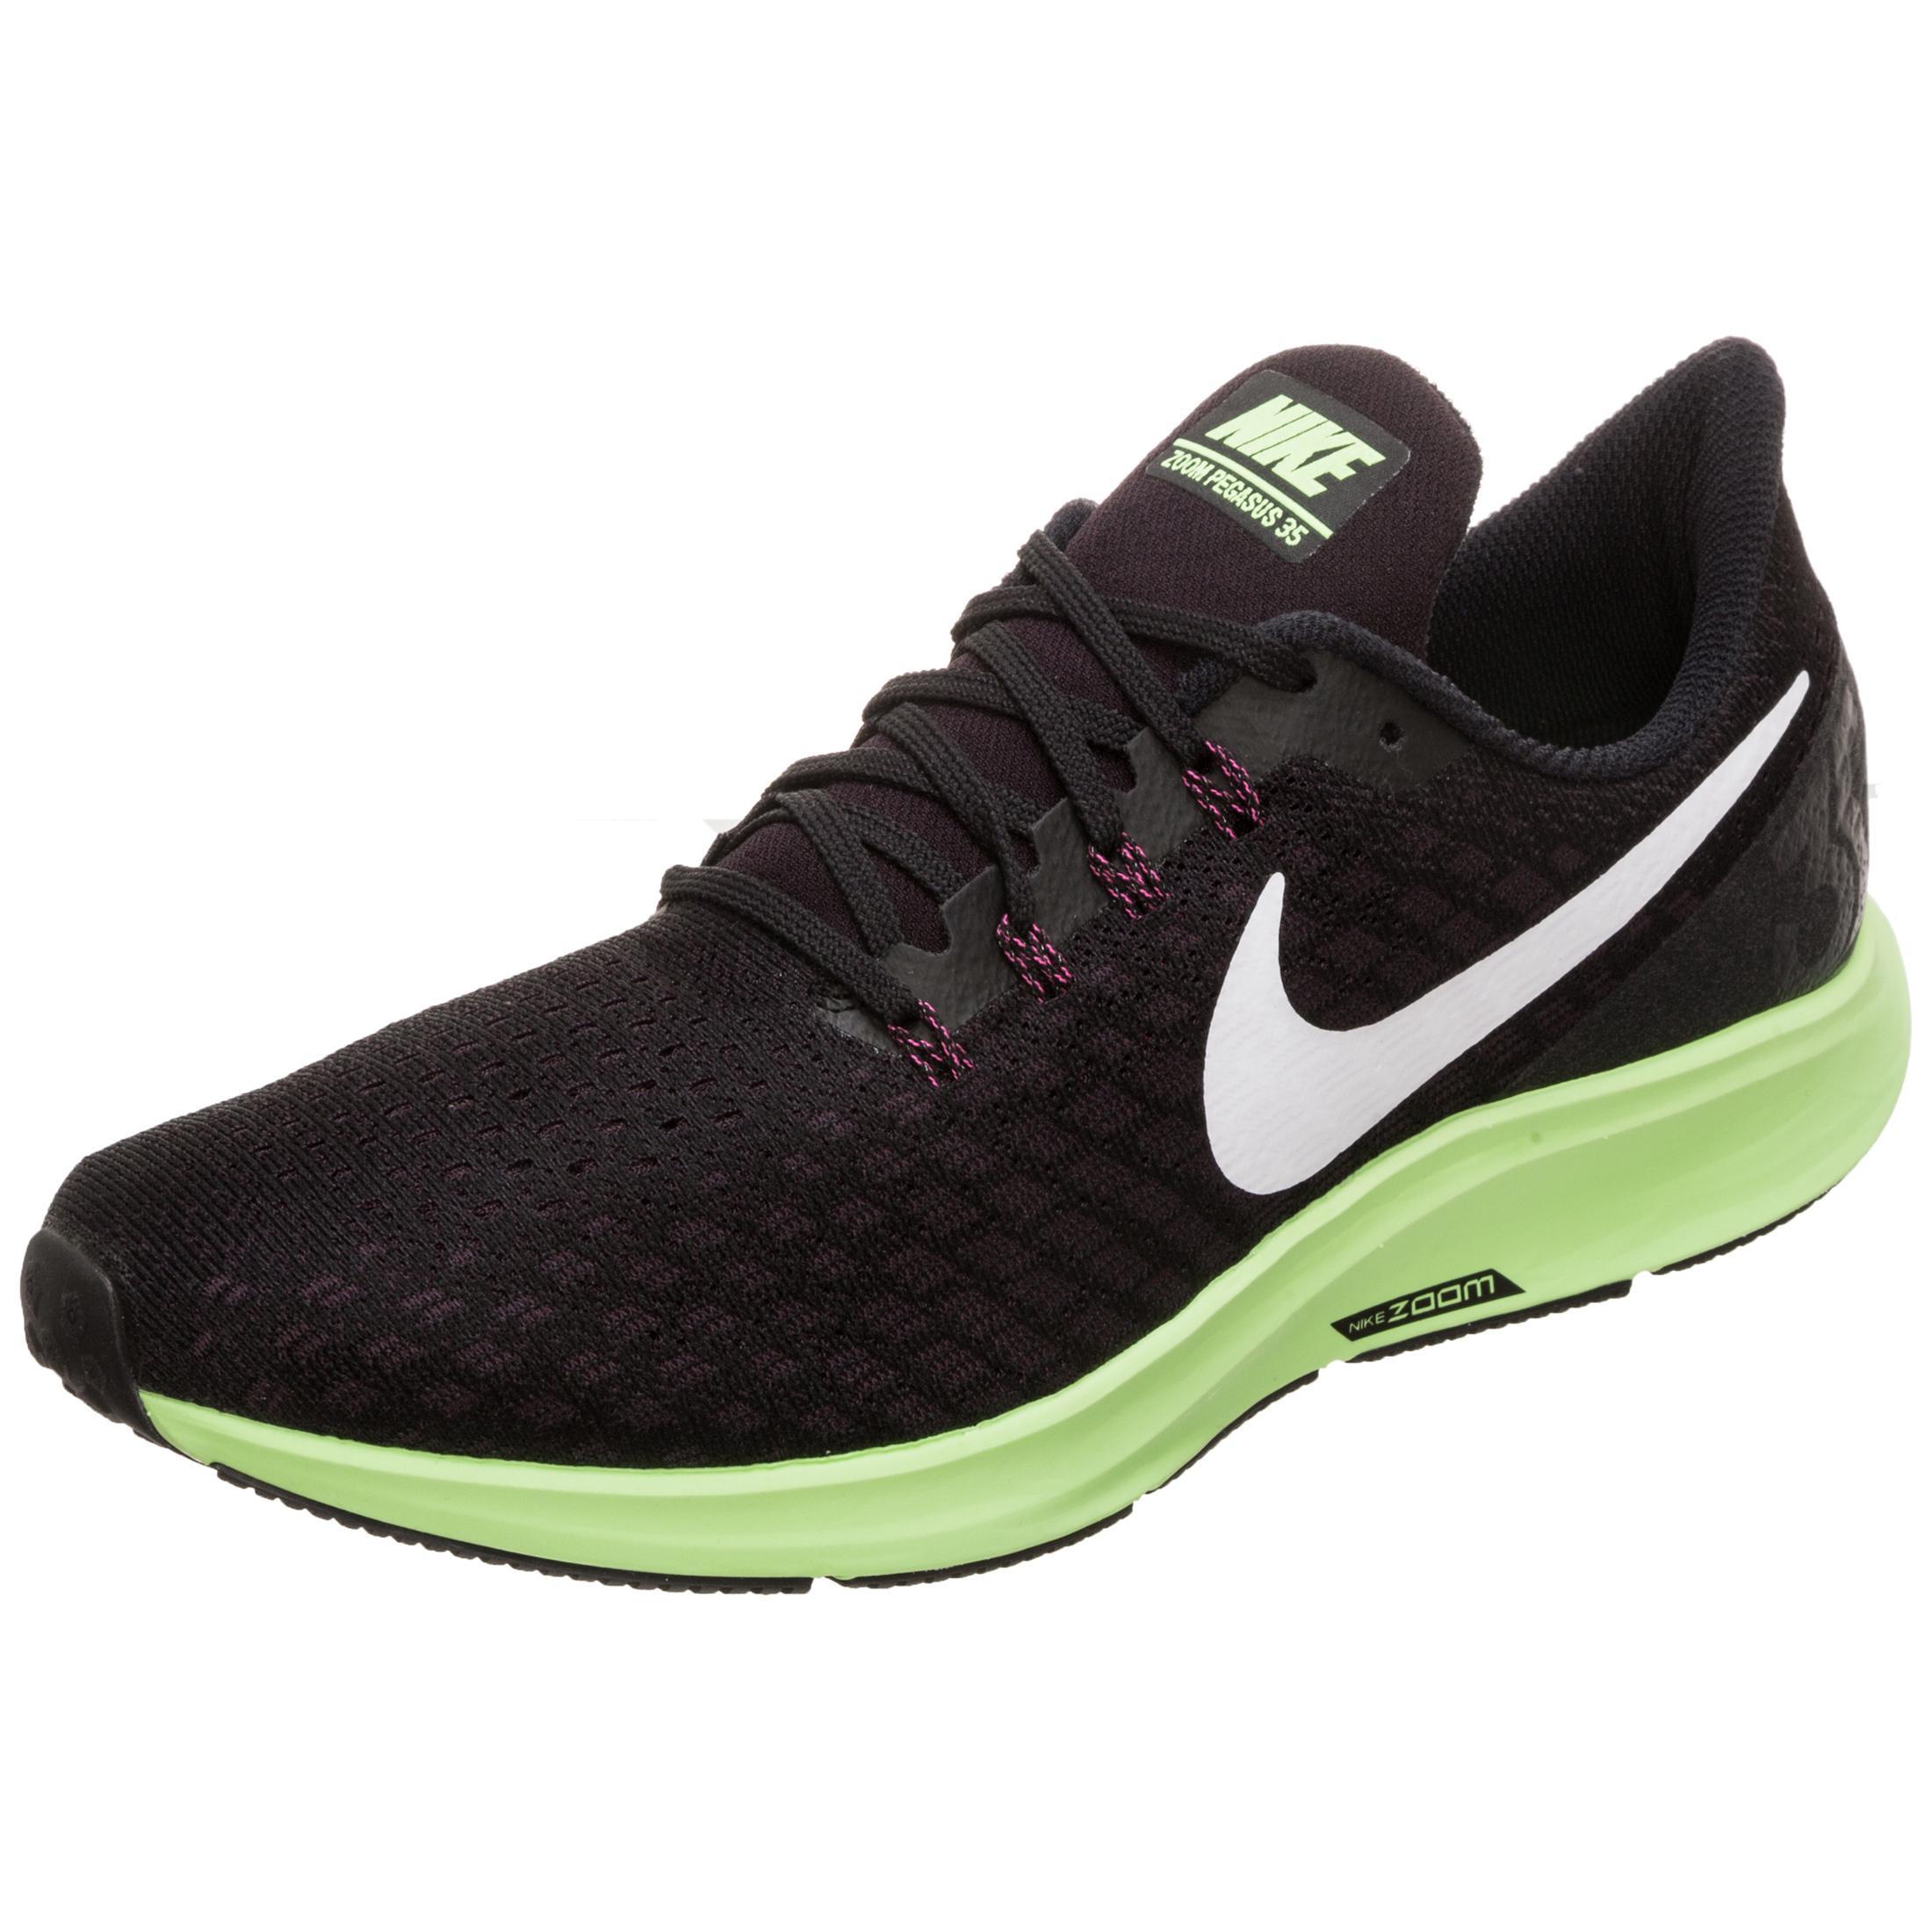 100% quality best selling various styles Nike Air Zoom Pegasus 35 Laufschuhe Herren schwarz / grün im Online Shop  von SportScheck kaufen